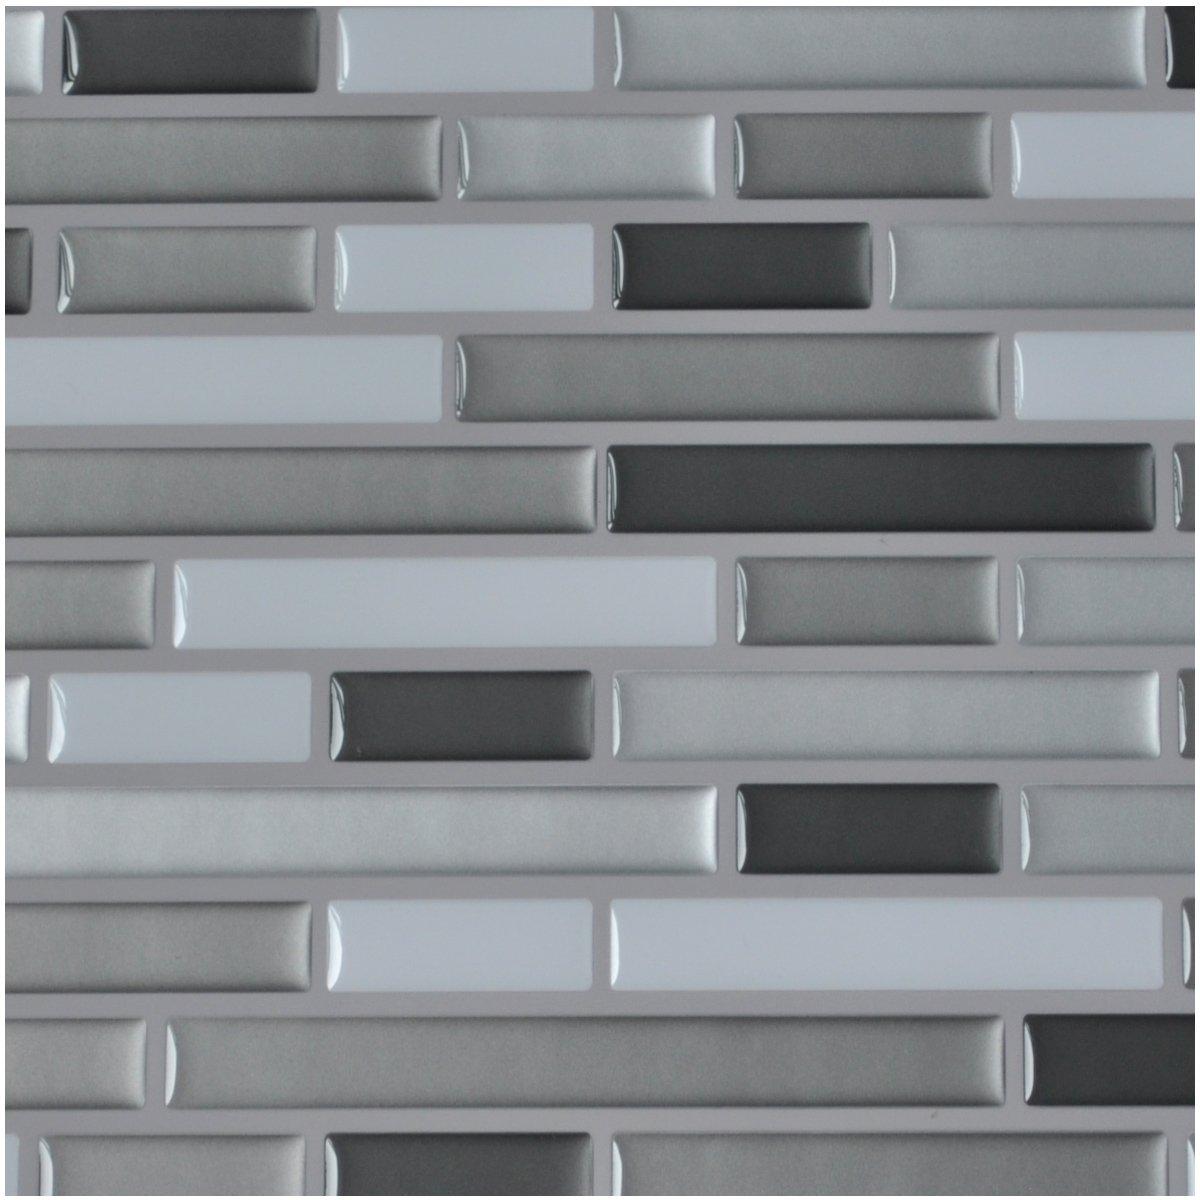 Amazon Com Art3d 10 Pieces Glue On Kitchen Backsplash Sticker 9 8 X 9 7 Gray Brick Design Home Kitchen